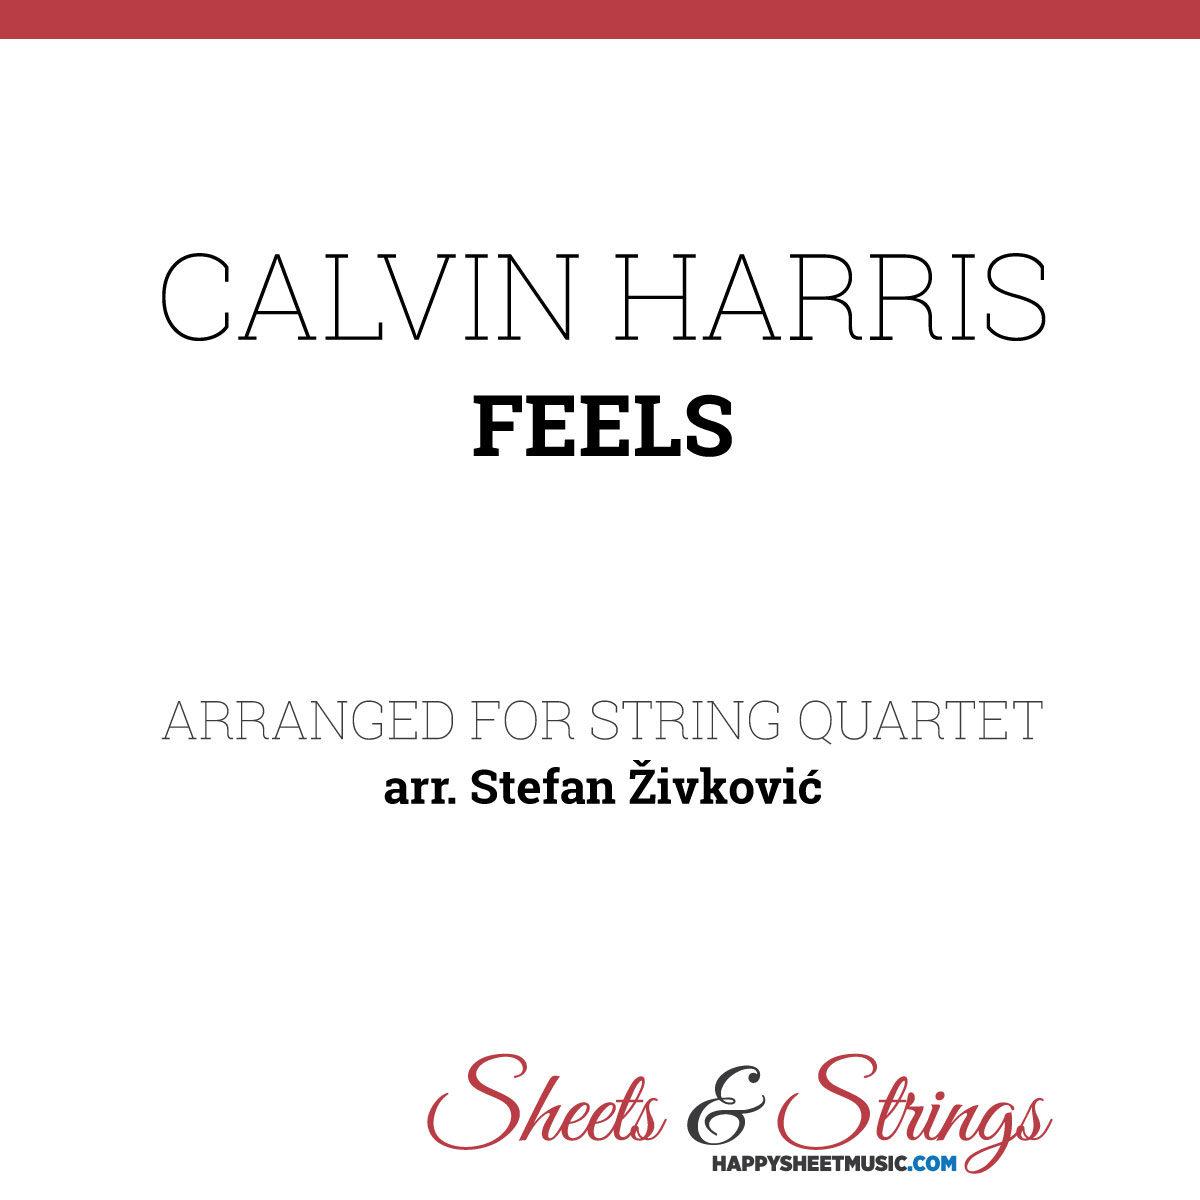 Calvin Harris Feels Sheet Music for String Quartet - Violin Sheet Music - Viola Sheet Music - Cello Sheet Music